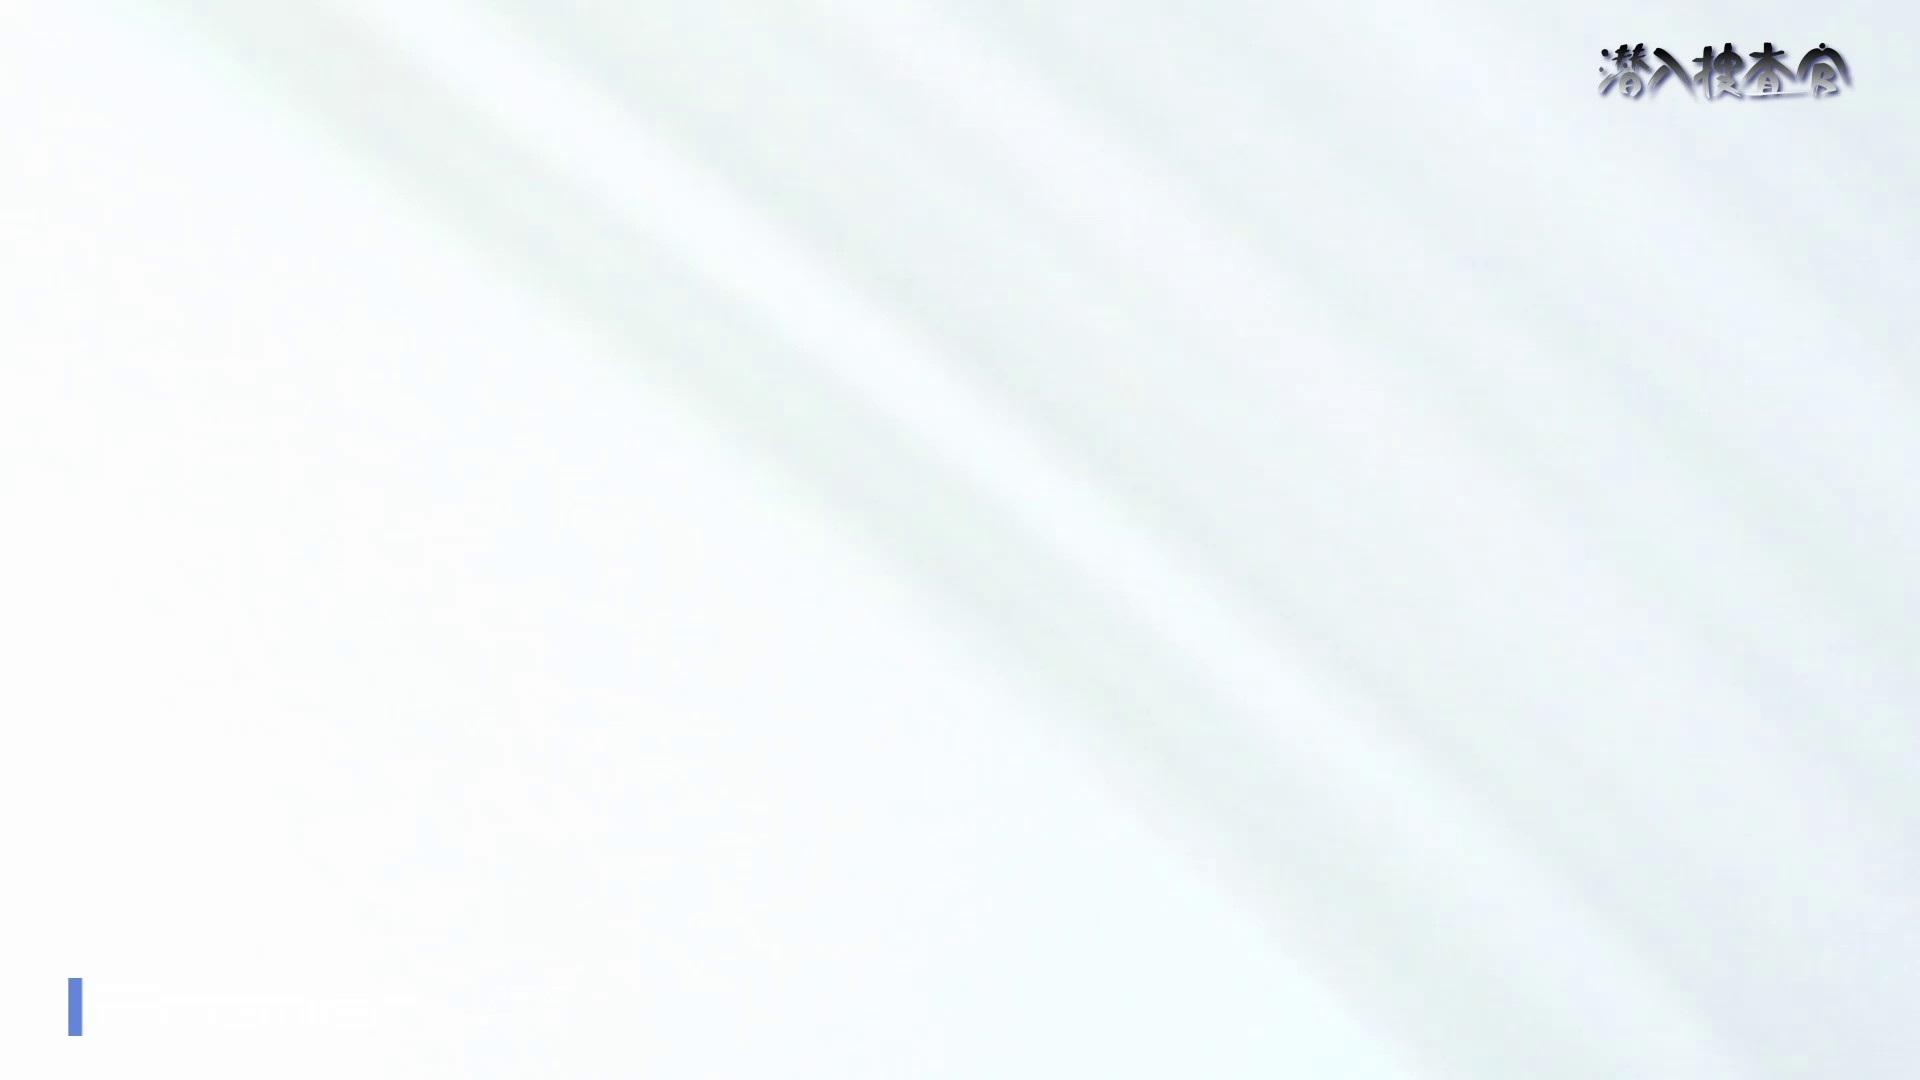 下からノゾム vol.041 携帯に夢中、後ろに居るカメラはやりたい放題! 細身体型 ぱこり動画紹介 77枚 6